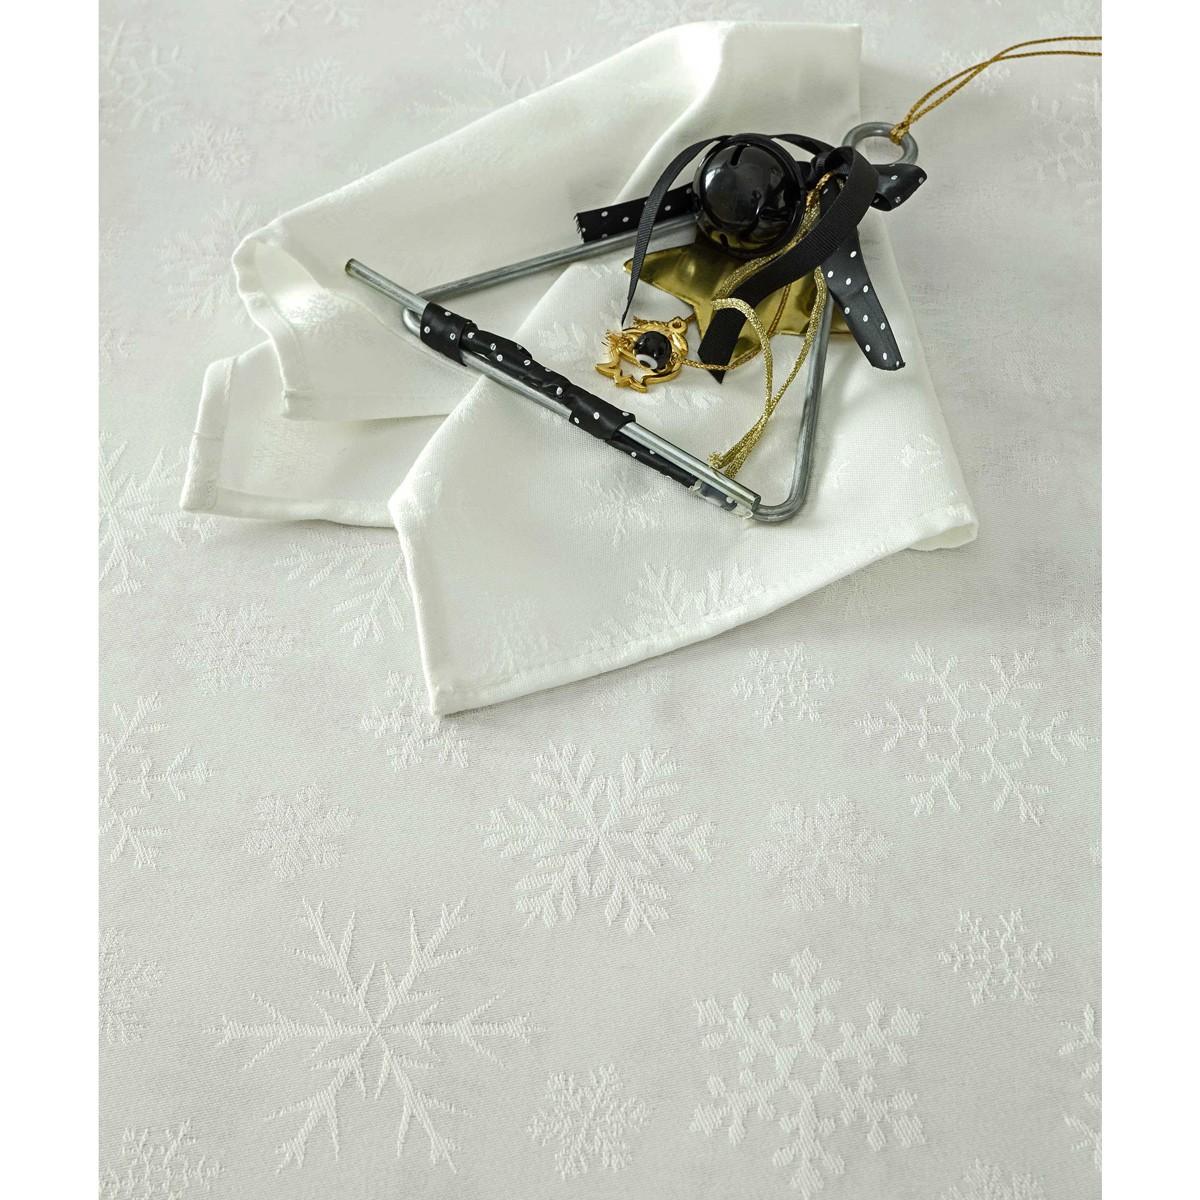 Χριστουγεννιάτικο Τραπεζομάντηλο (165×310) Nima Noel Off White